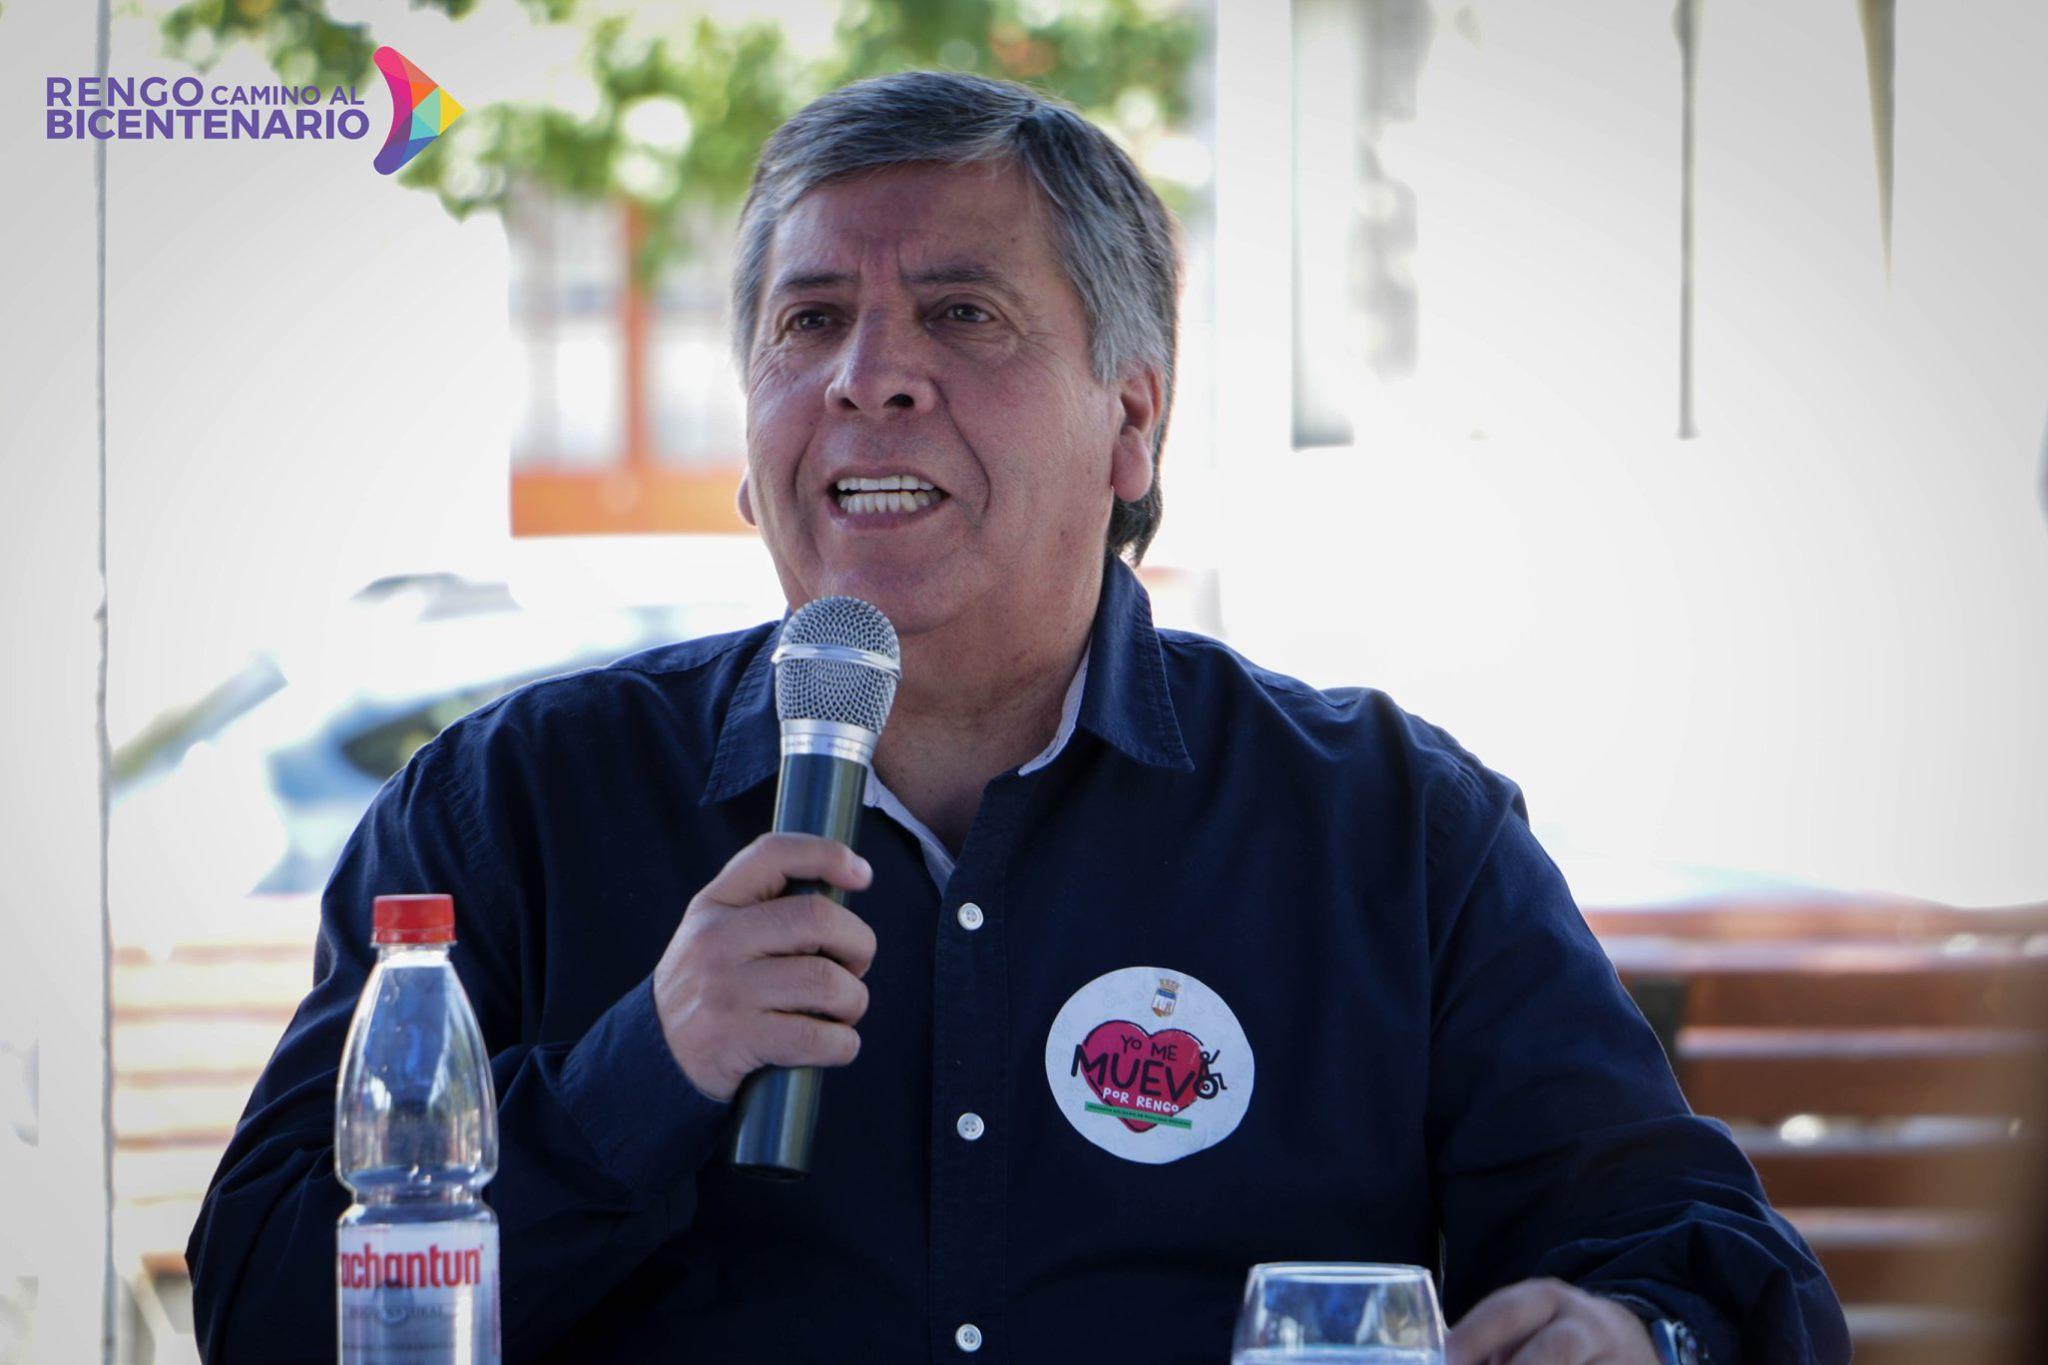 ALCALDE DE RENGO CARLOS SOTO